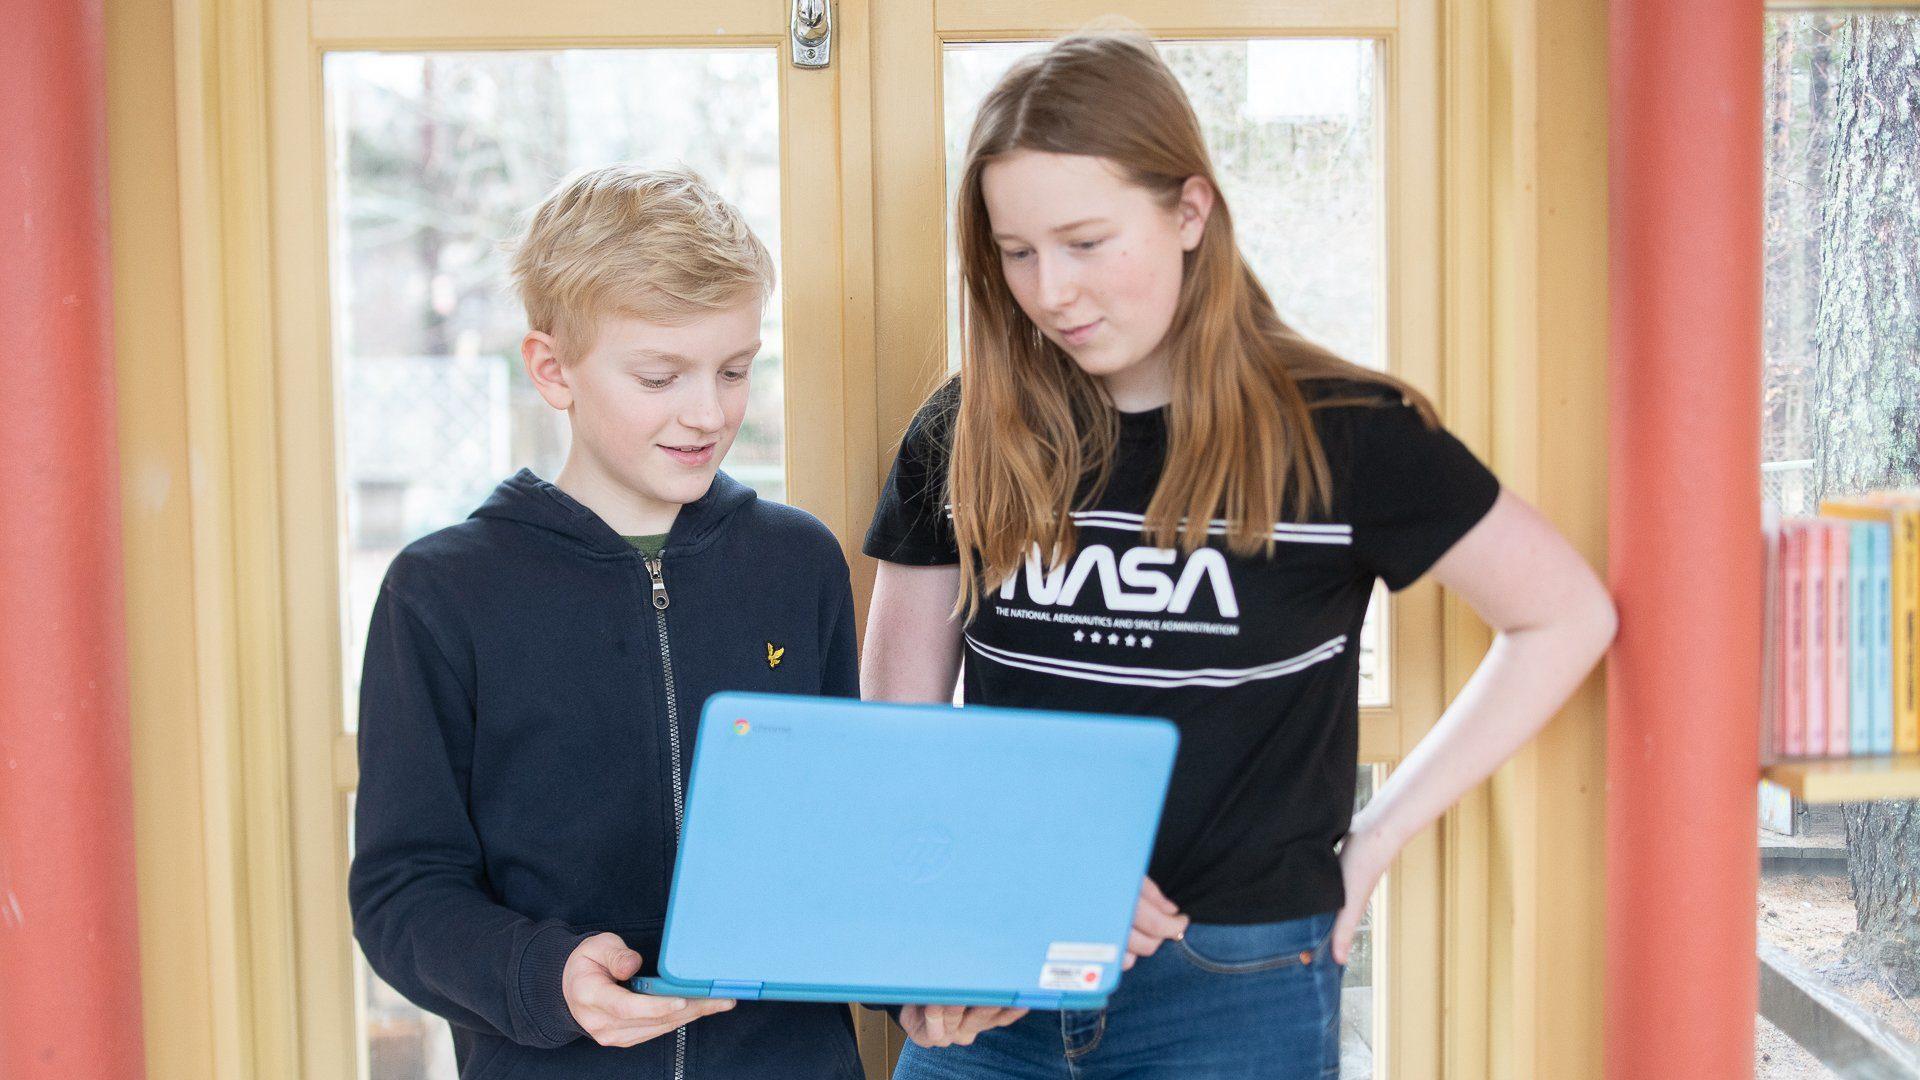 Två elever står i en skolkorridor och tittar på en laptop